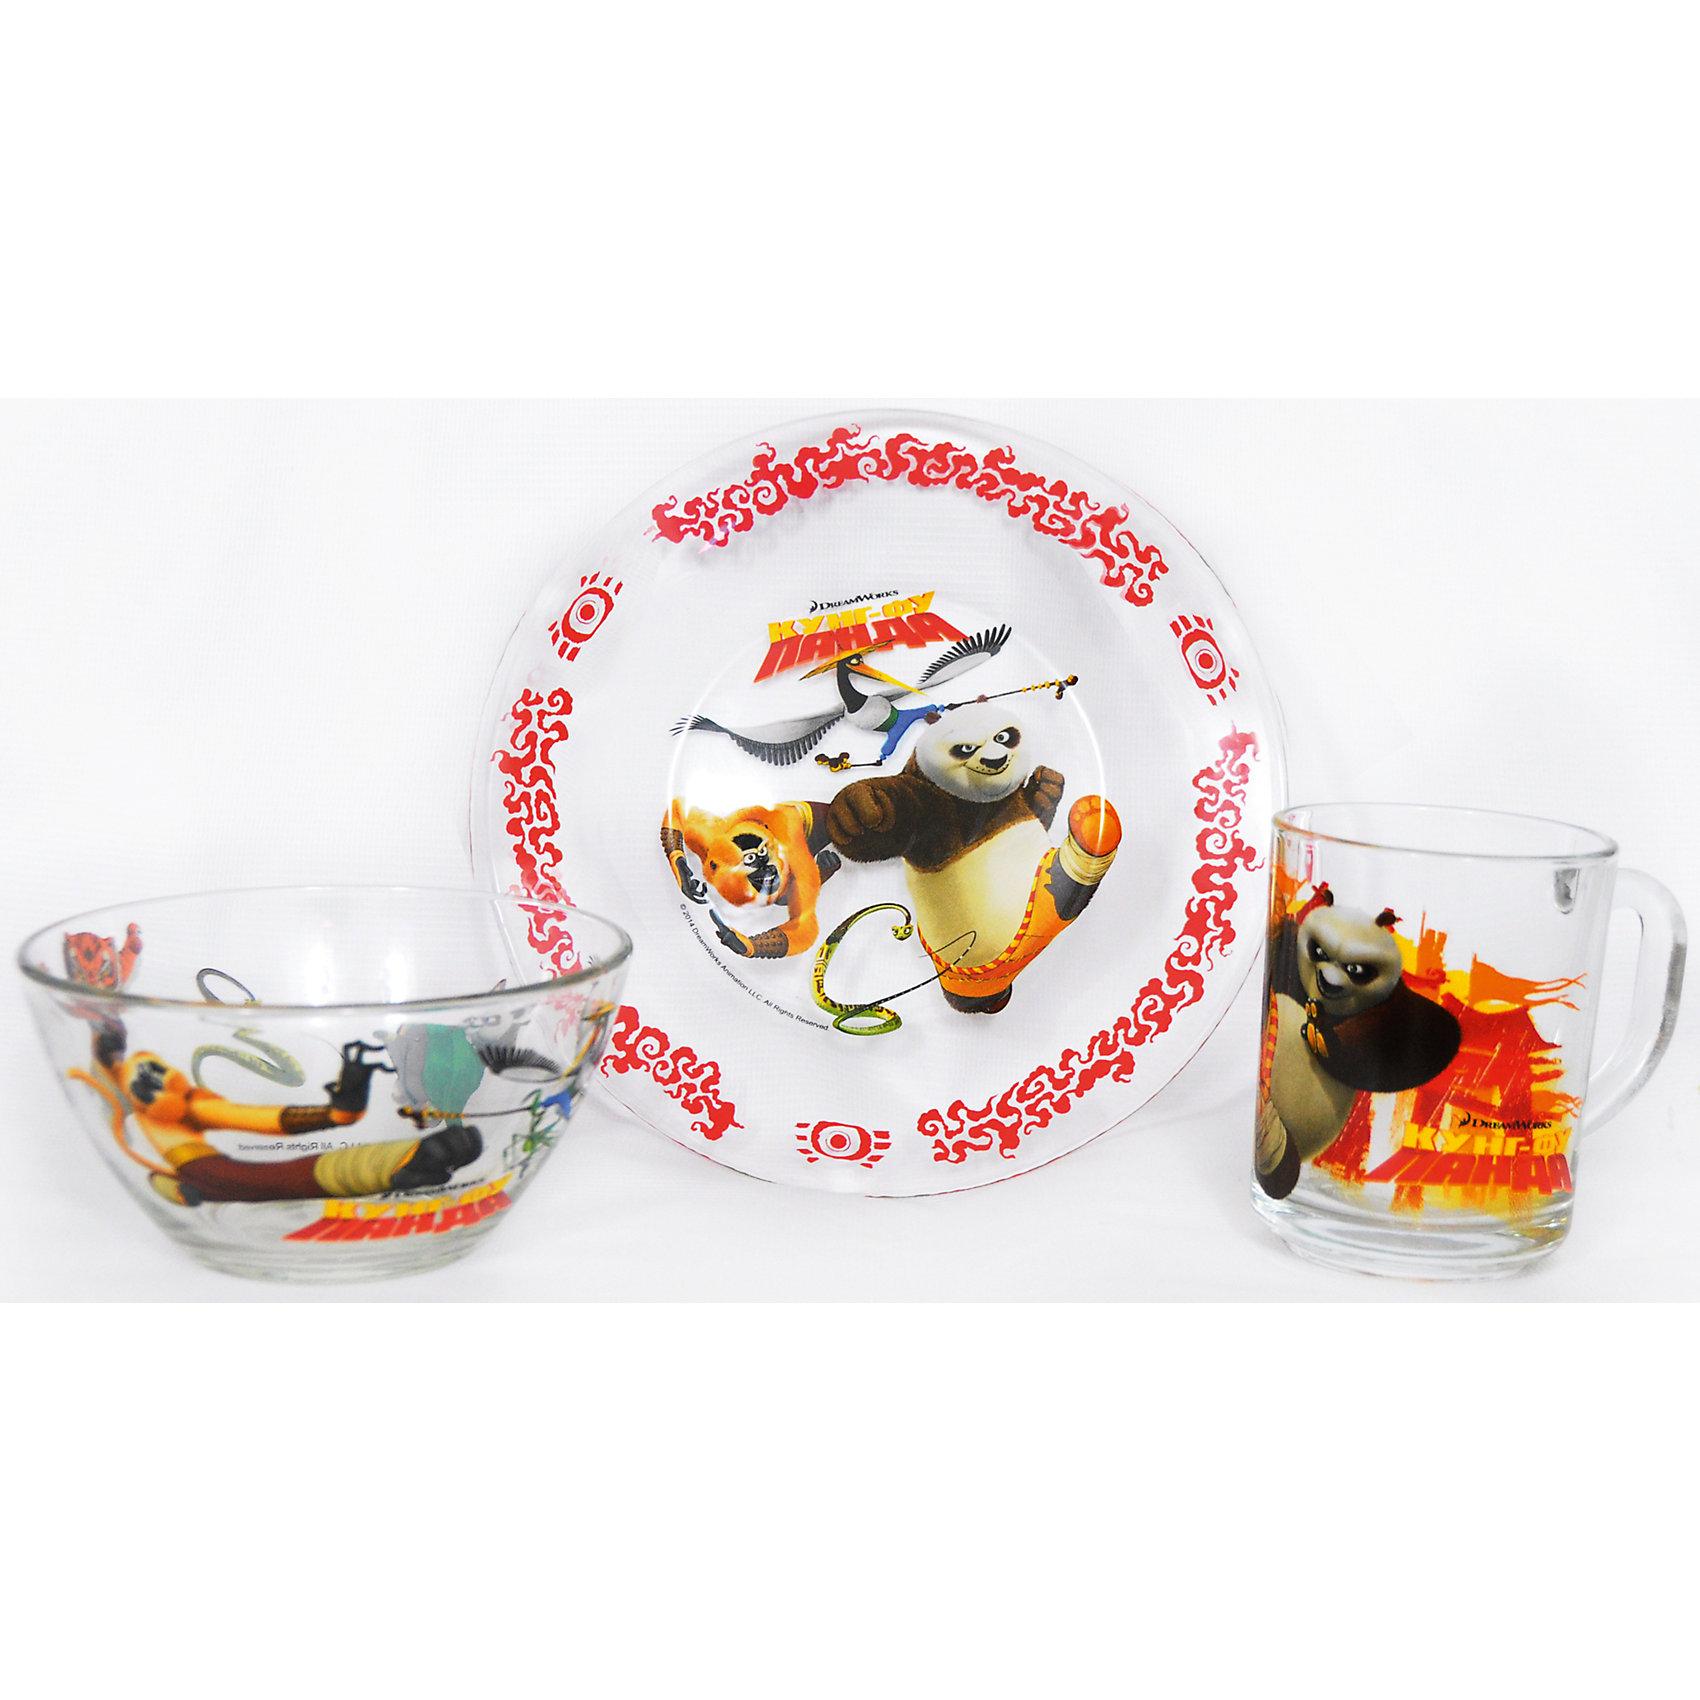 Набор посуды Панда Кунг-Фу (3 предмета, стекло)Набор посуды Панда Кунг-Фу непременно порадует ребенка ярким оформлением. Стекло набора покрыто красочным изображением мультсериала про веселых зверушек и непременно доставит массу удовольствия своему обладателю.. Посуда устойчива к перепадам температур, поэтому отлично подойдёт как для горячих, так и для холодных напитков и убережёт руки от ожогов. Набор изготовлен из экологически чистых материалов и не принесет вреда здоровью Вашему малыша<br>. <br>Дополнительная информация: <br><br>В комплект входят 3 предмета:<br>-тарелка  (? 19,5 см.)<br>-салатник (? 19,5 см.)<br>-кружка 250 мл<br><br>Набор посуды Панда Кунг-Фу (3 предмета, стекло) можно купить в нашем интернет-магазине.<br><br>Ширина мм: 205<br>Глубина мм: 100<br>Высота мм: 205<br>Вес г: 950<br>Возраст от месяцев: 36<br>Возраст до месяцев: 144<br>Пол: Унисекс<br>Возраст: Детский<br>SKU: 4536179